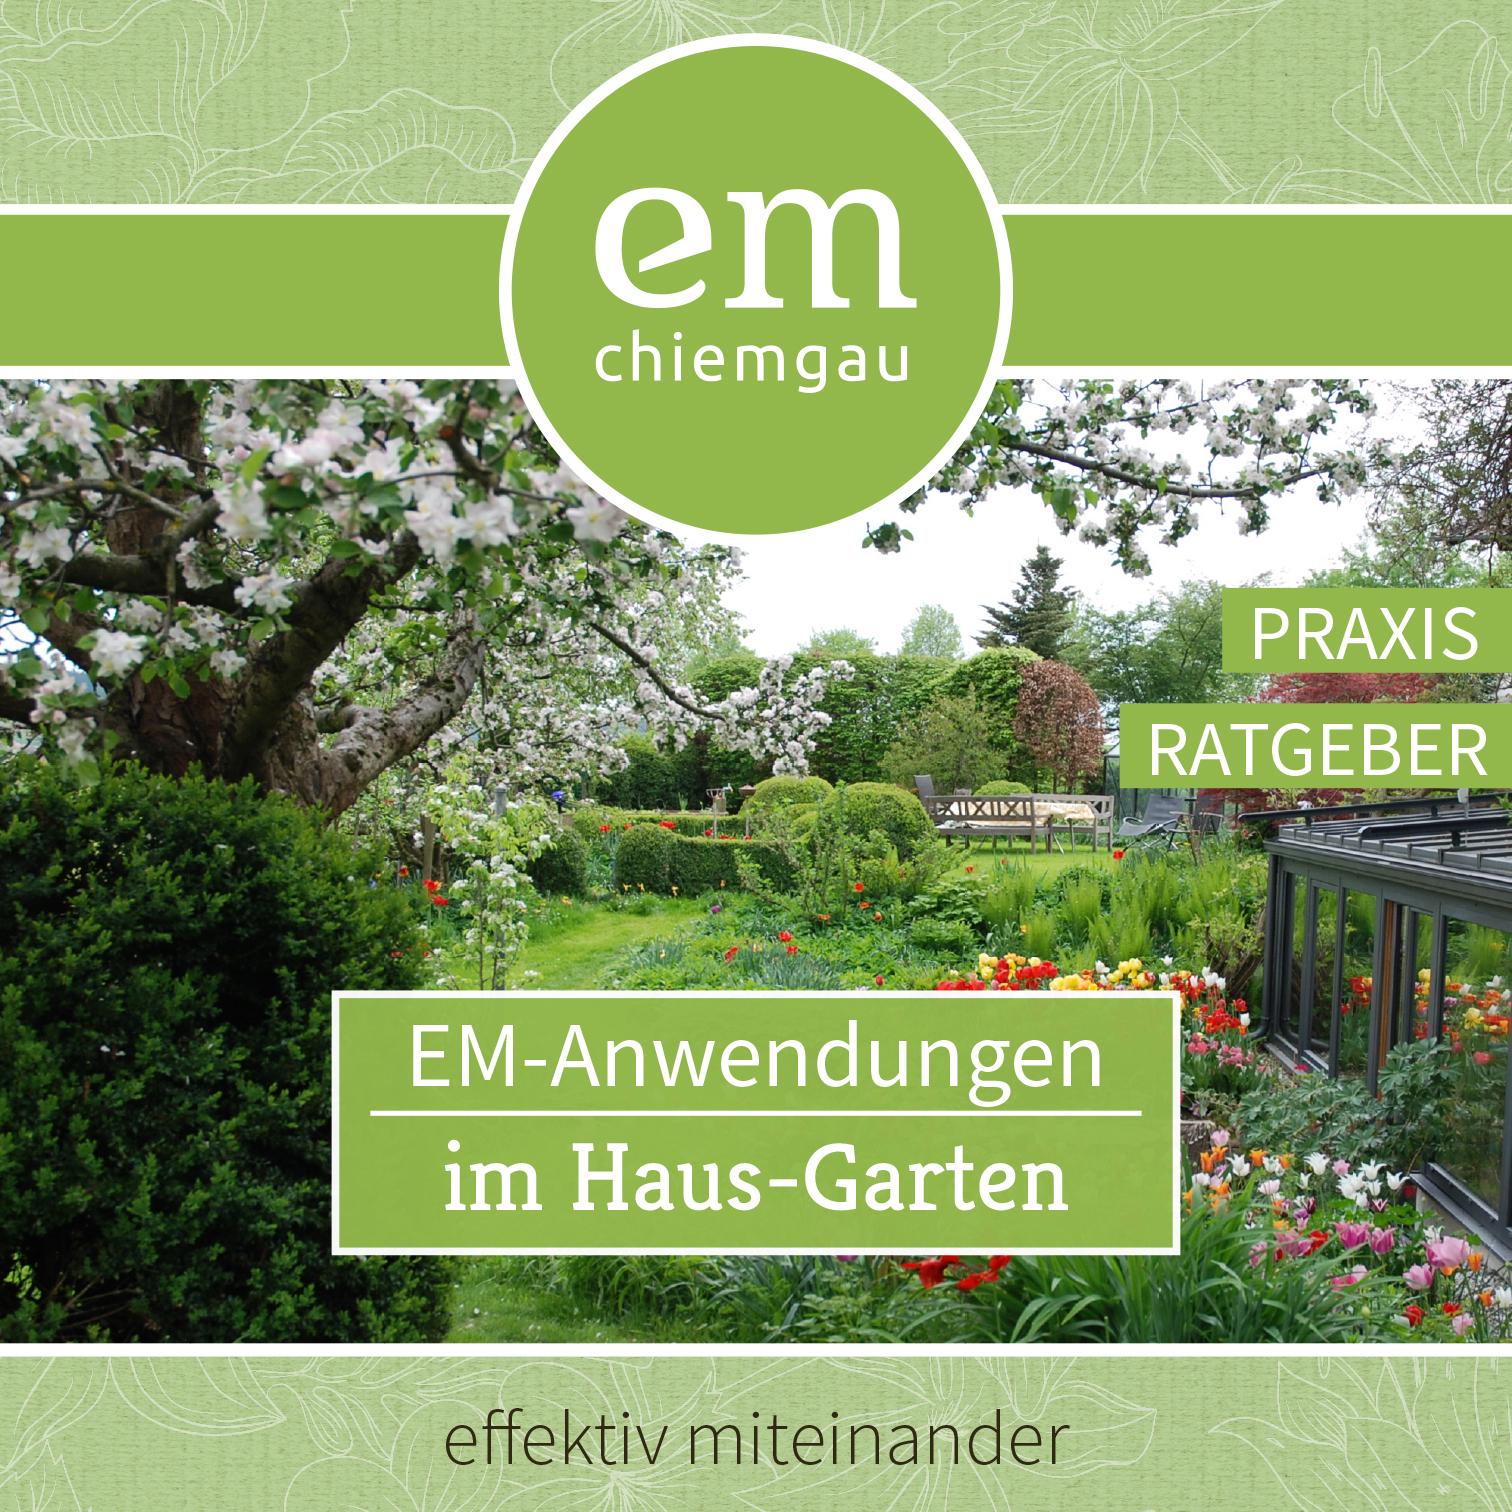 AC-Umwelttechnik – Effektive Mikroorganismen im Hausgarten